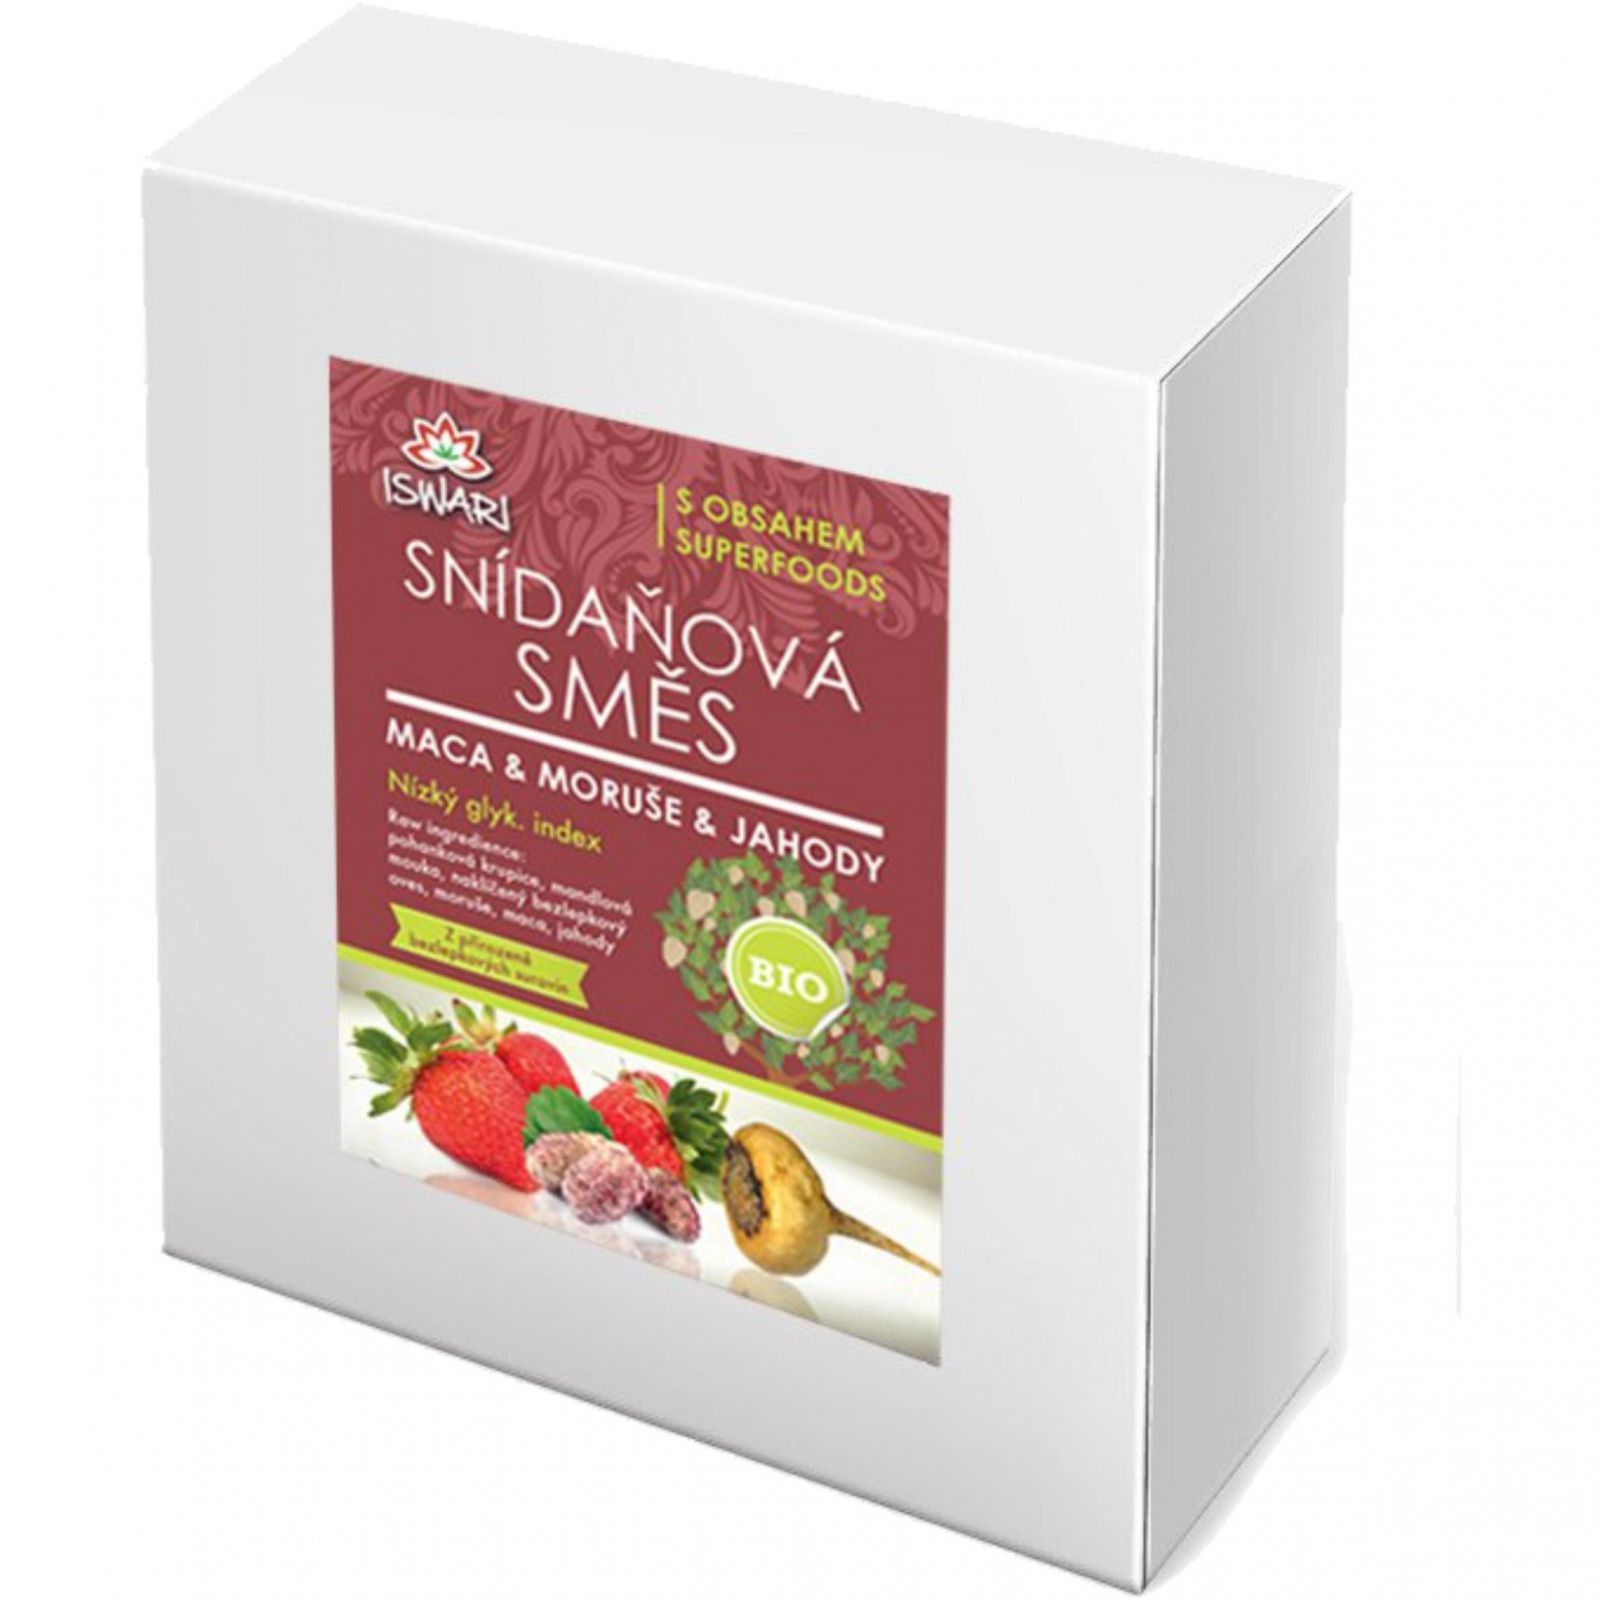 Iswari BIO Snídaňová směs 3200 g -  maca & moruše & jahody